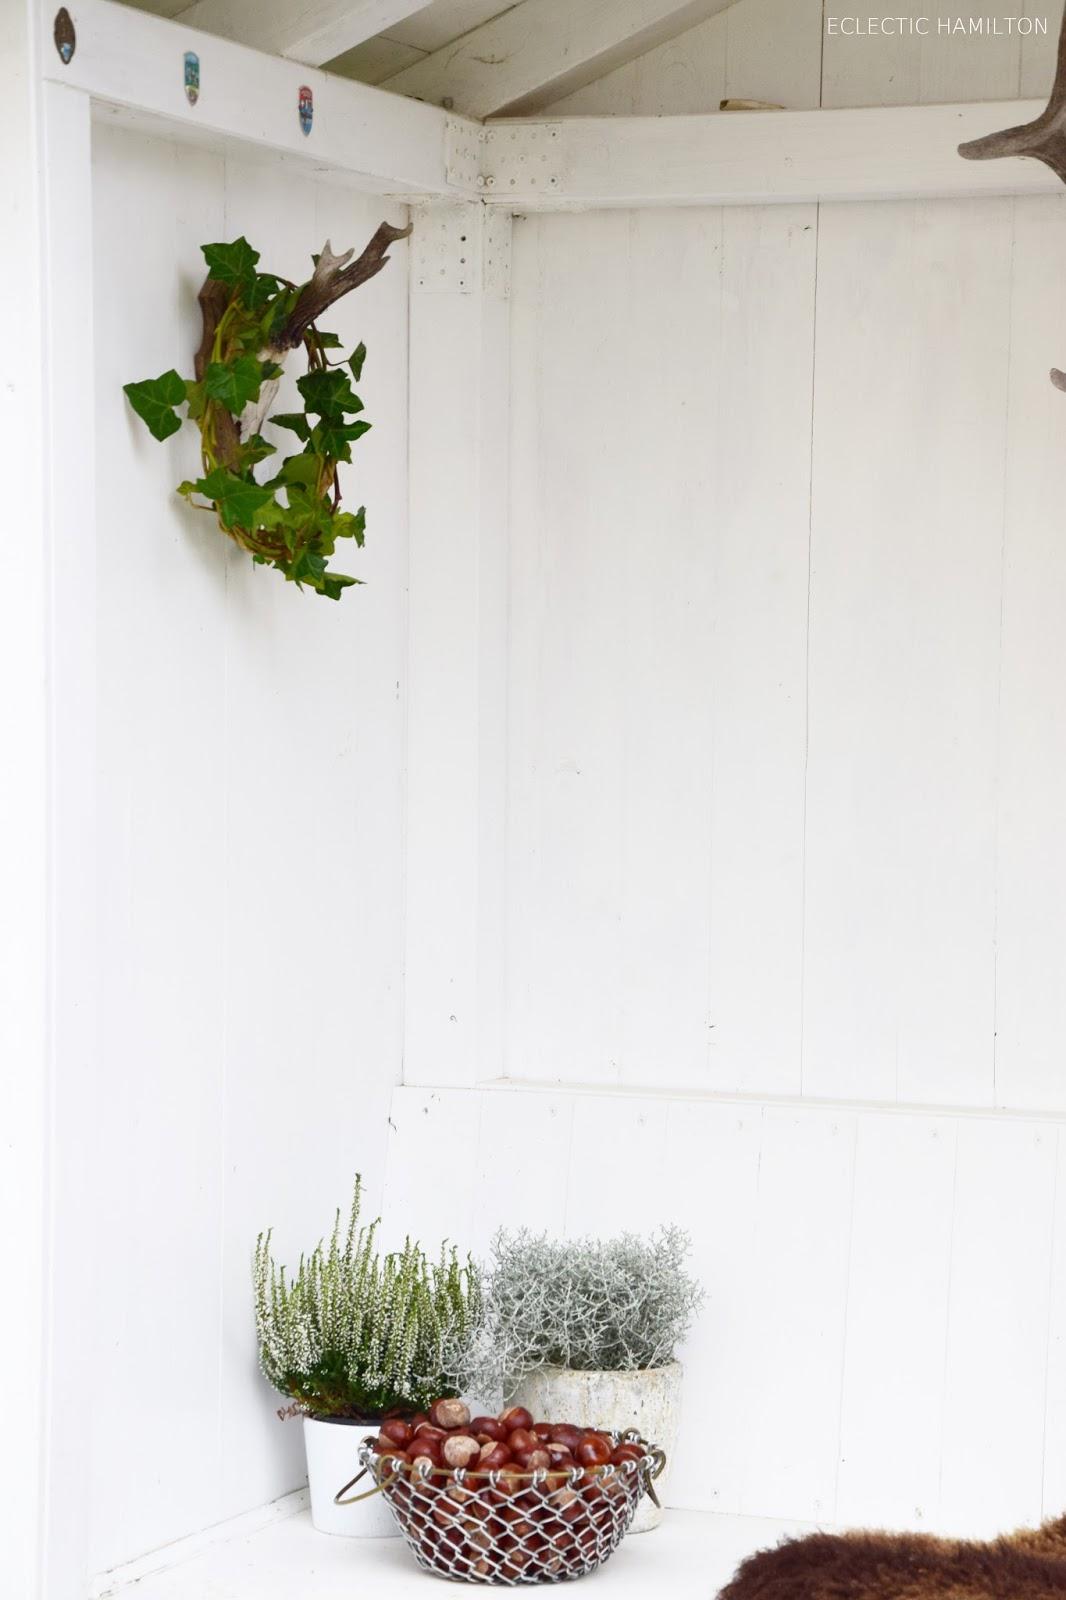 Dekoideen mit Efeu: schnell und einfach! Für Fenster, Laube und Haus. DIY, selbermachen, selbstgemacht, Efeukranz, Efeu, Naturdeko